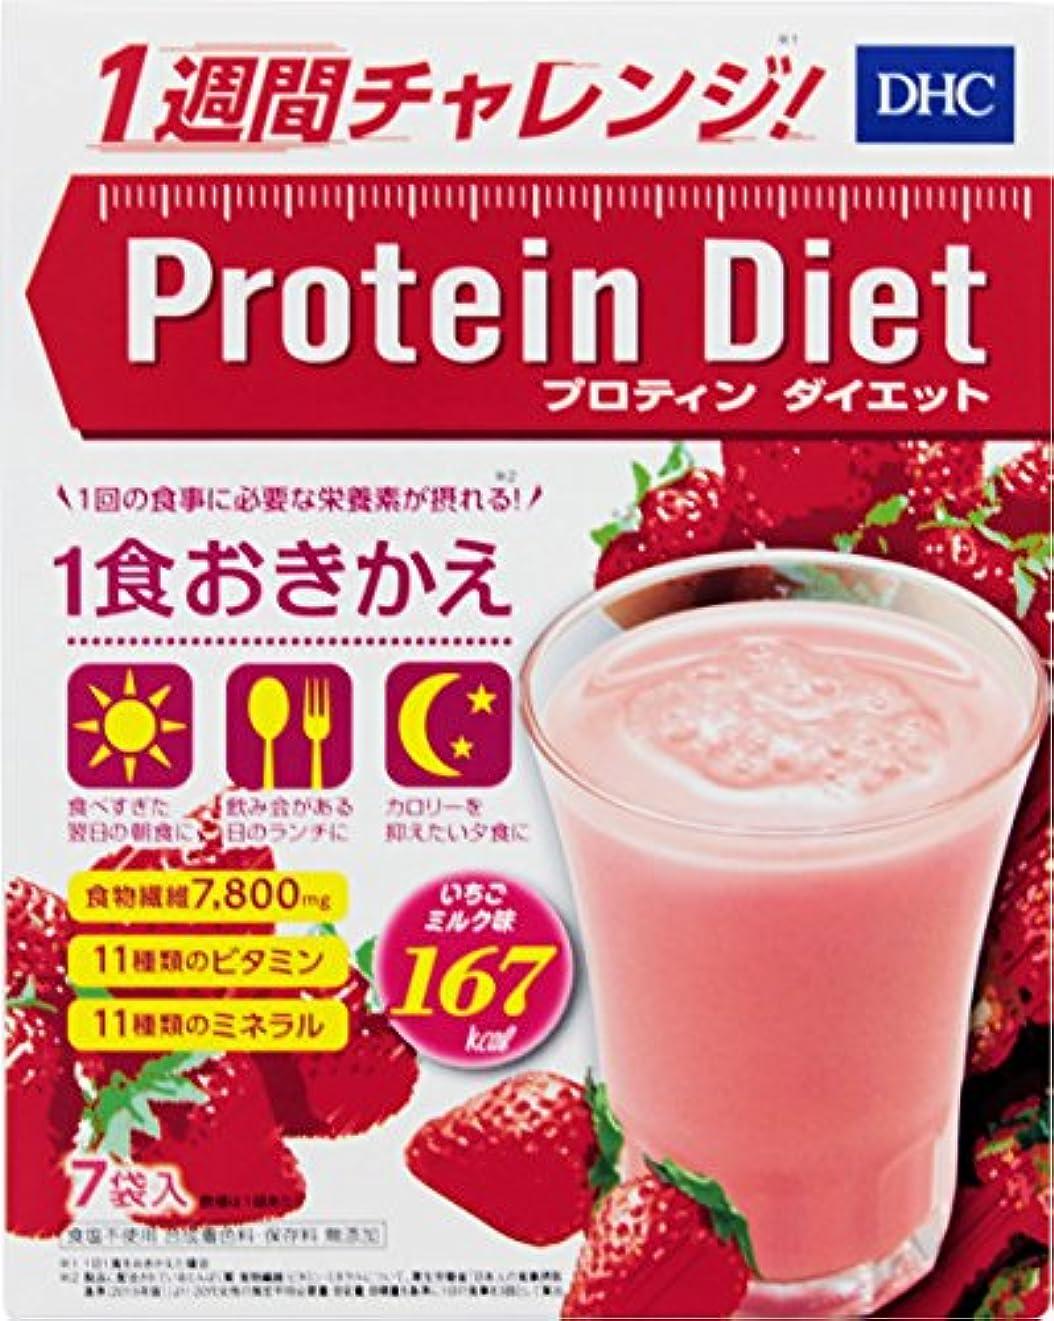 メロディアス公使館プラグDHC プロティンダイエット いちごミルク味 7袋入